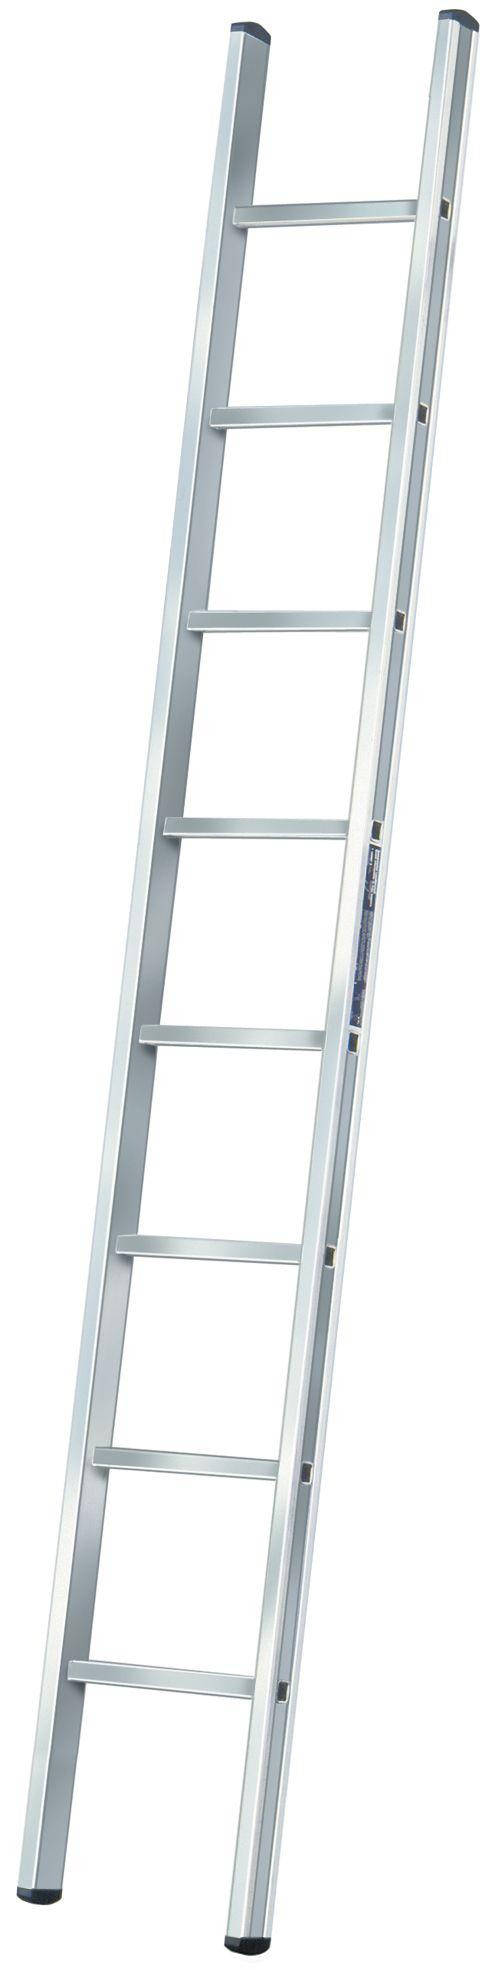 Anlegeleiter Aluminium 8 Sprossen, L